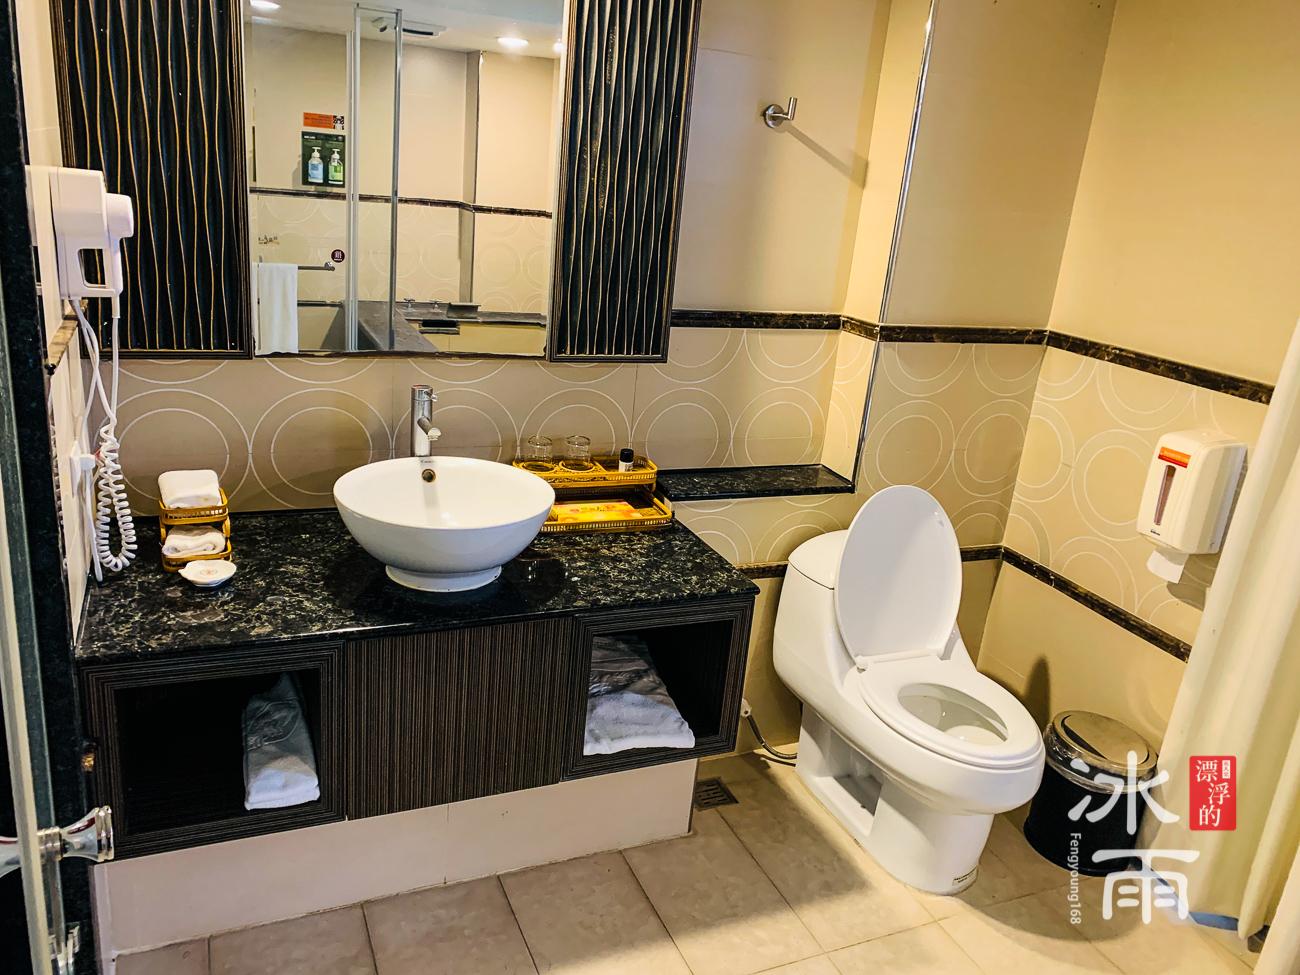 川湯春天溫泉飯店德陽館|廁所設備